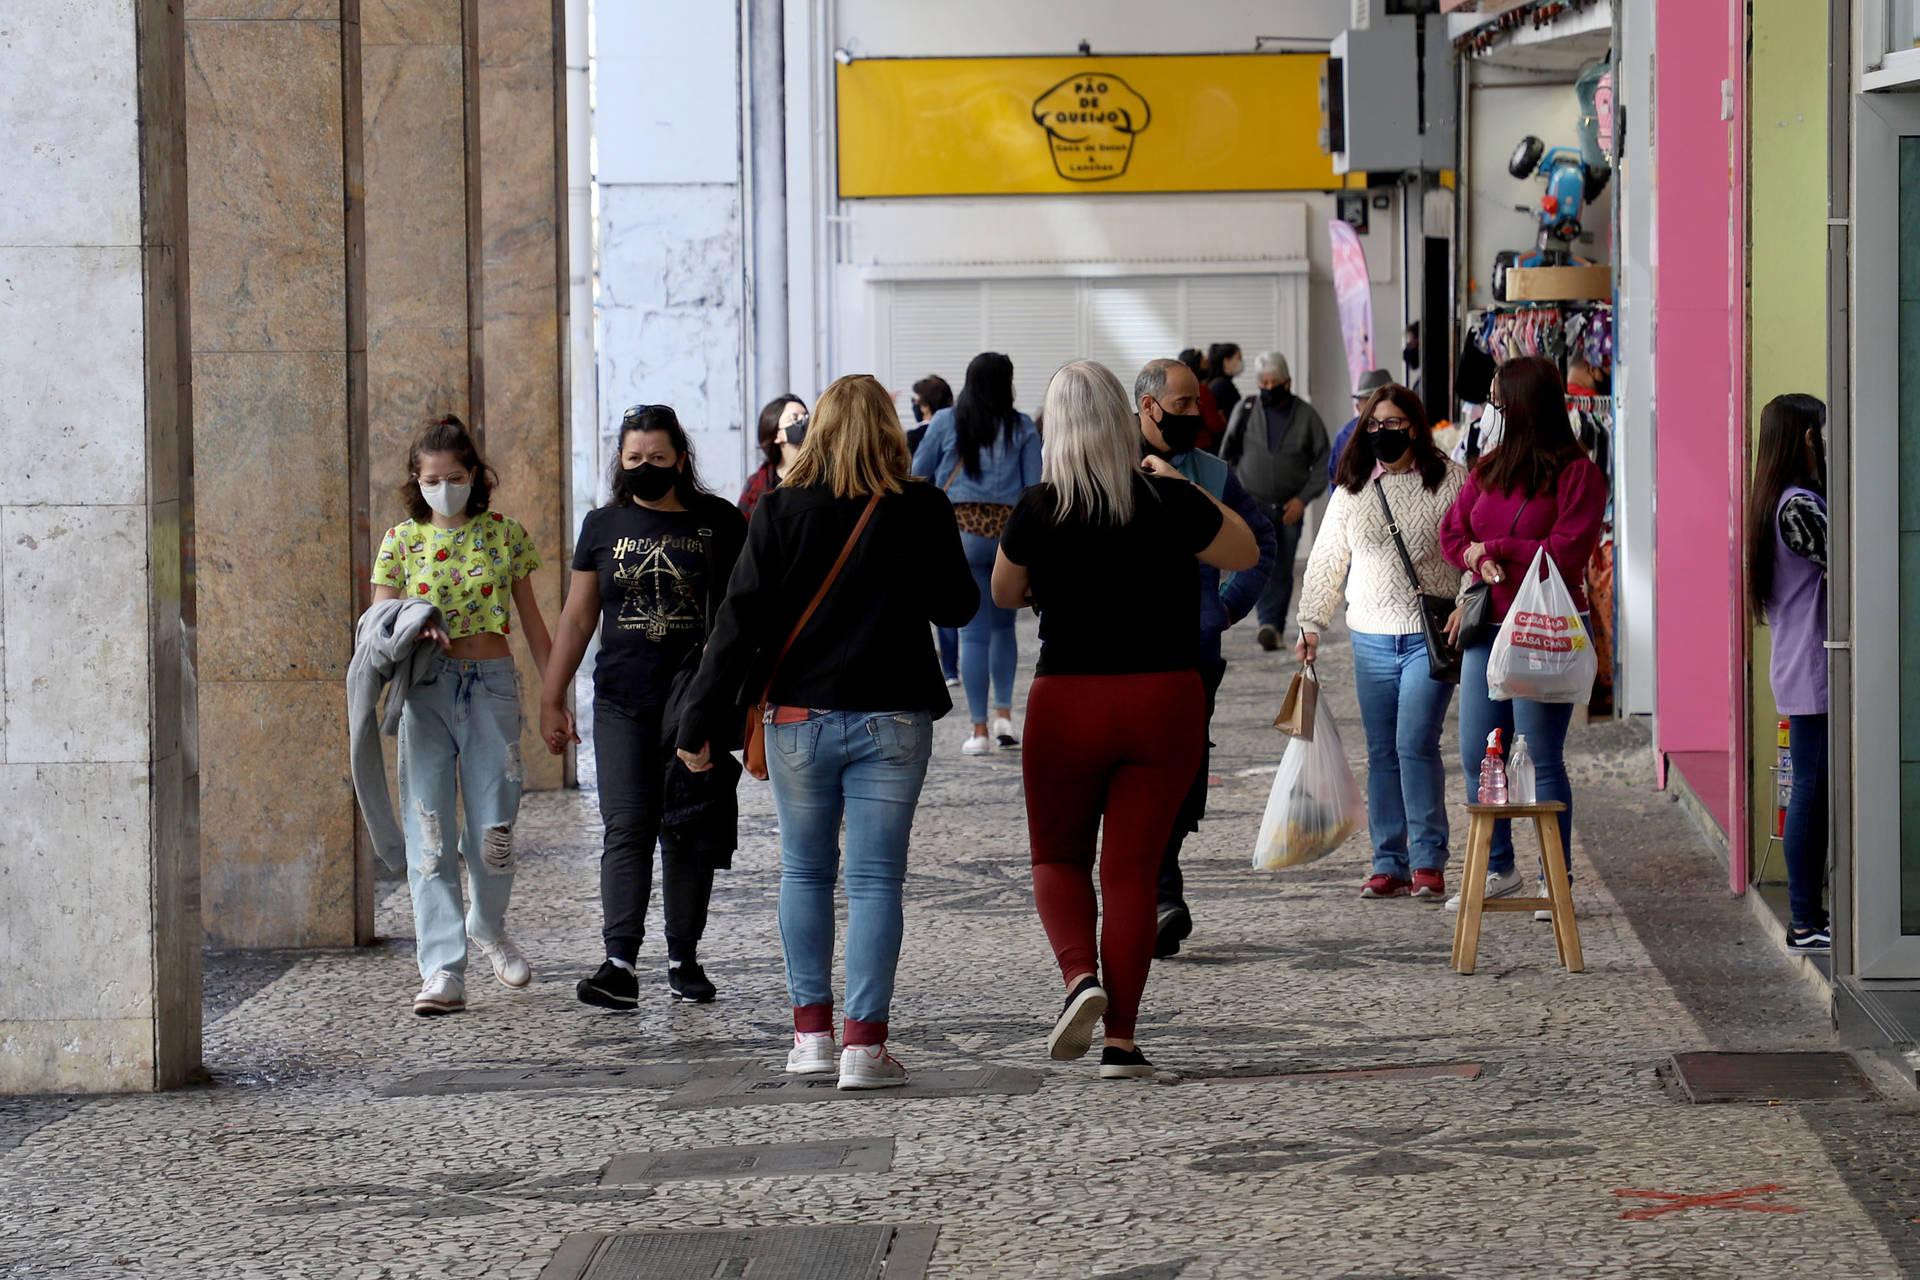 Comércio paranaense cresce 8% no primeiro semestre de 2021, aponta IBGE